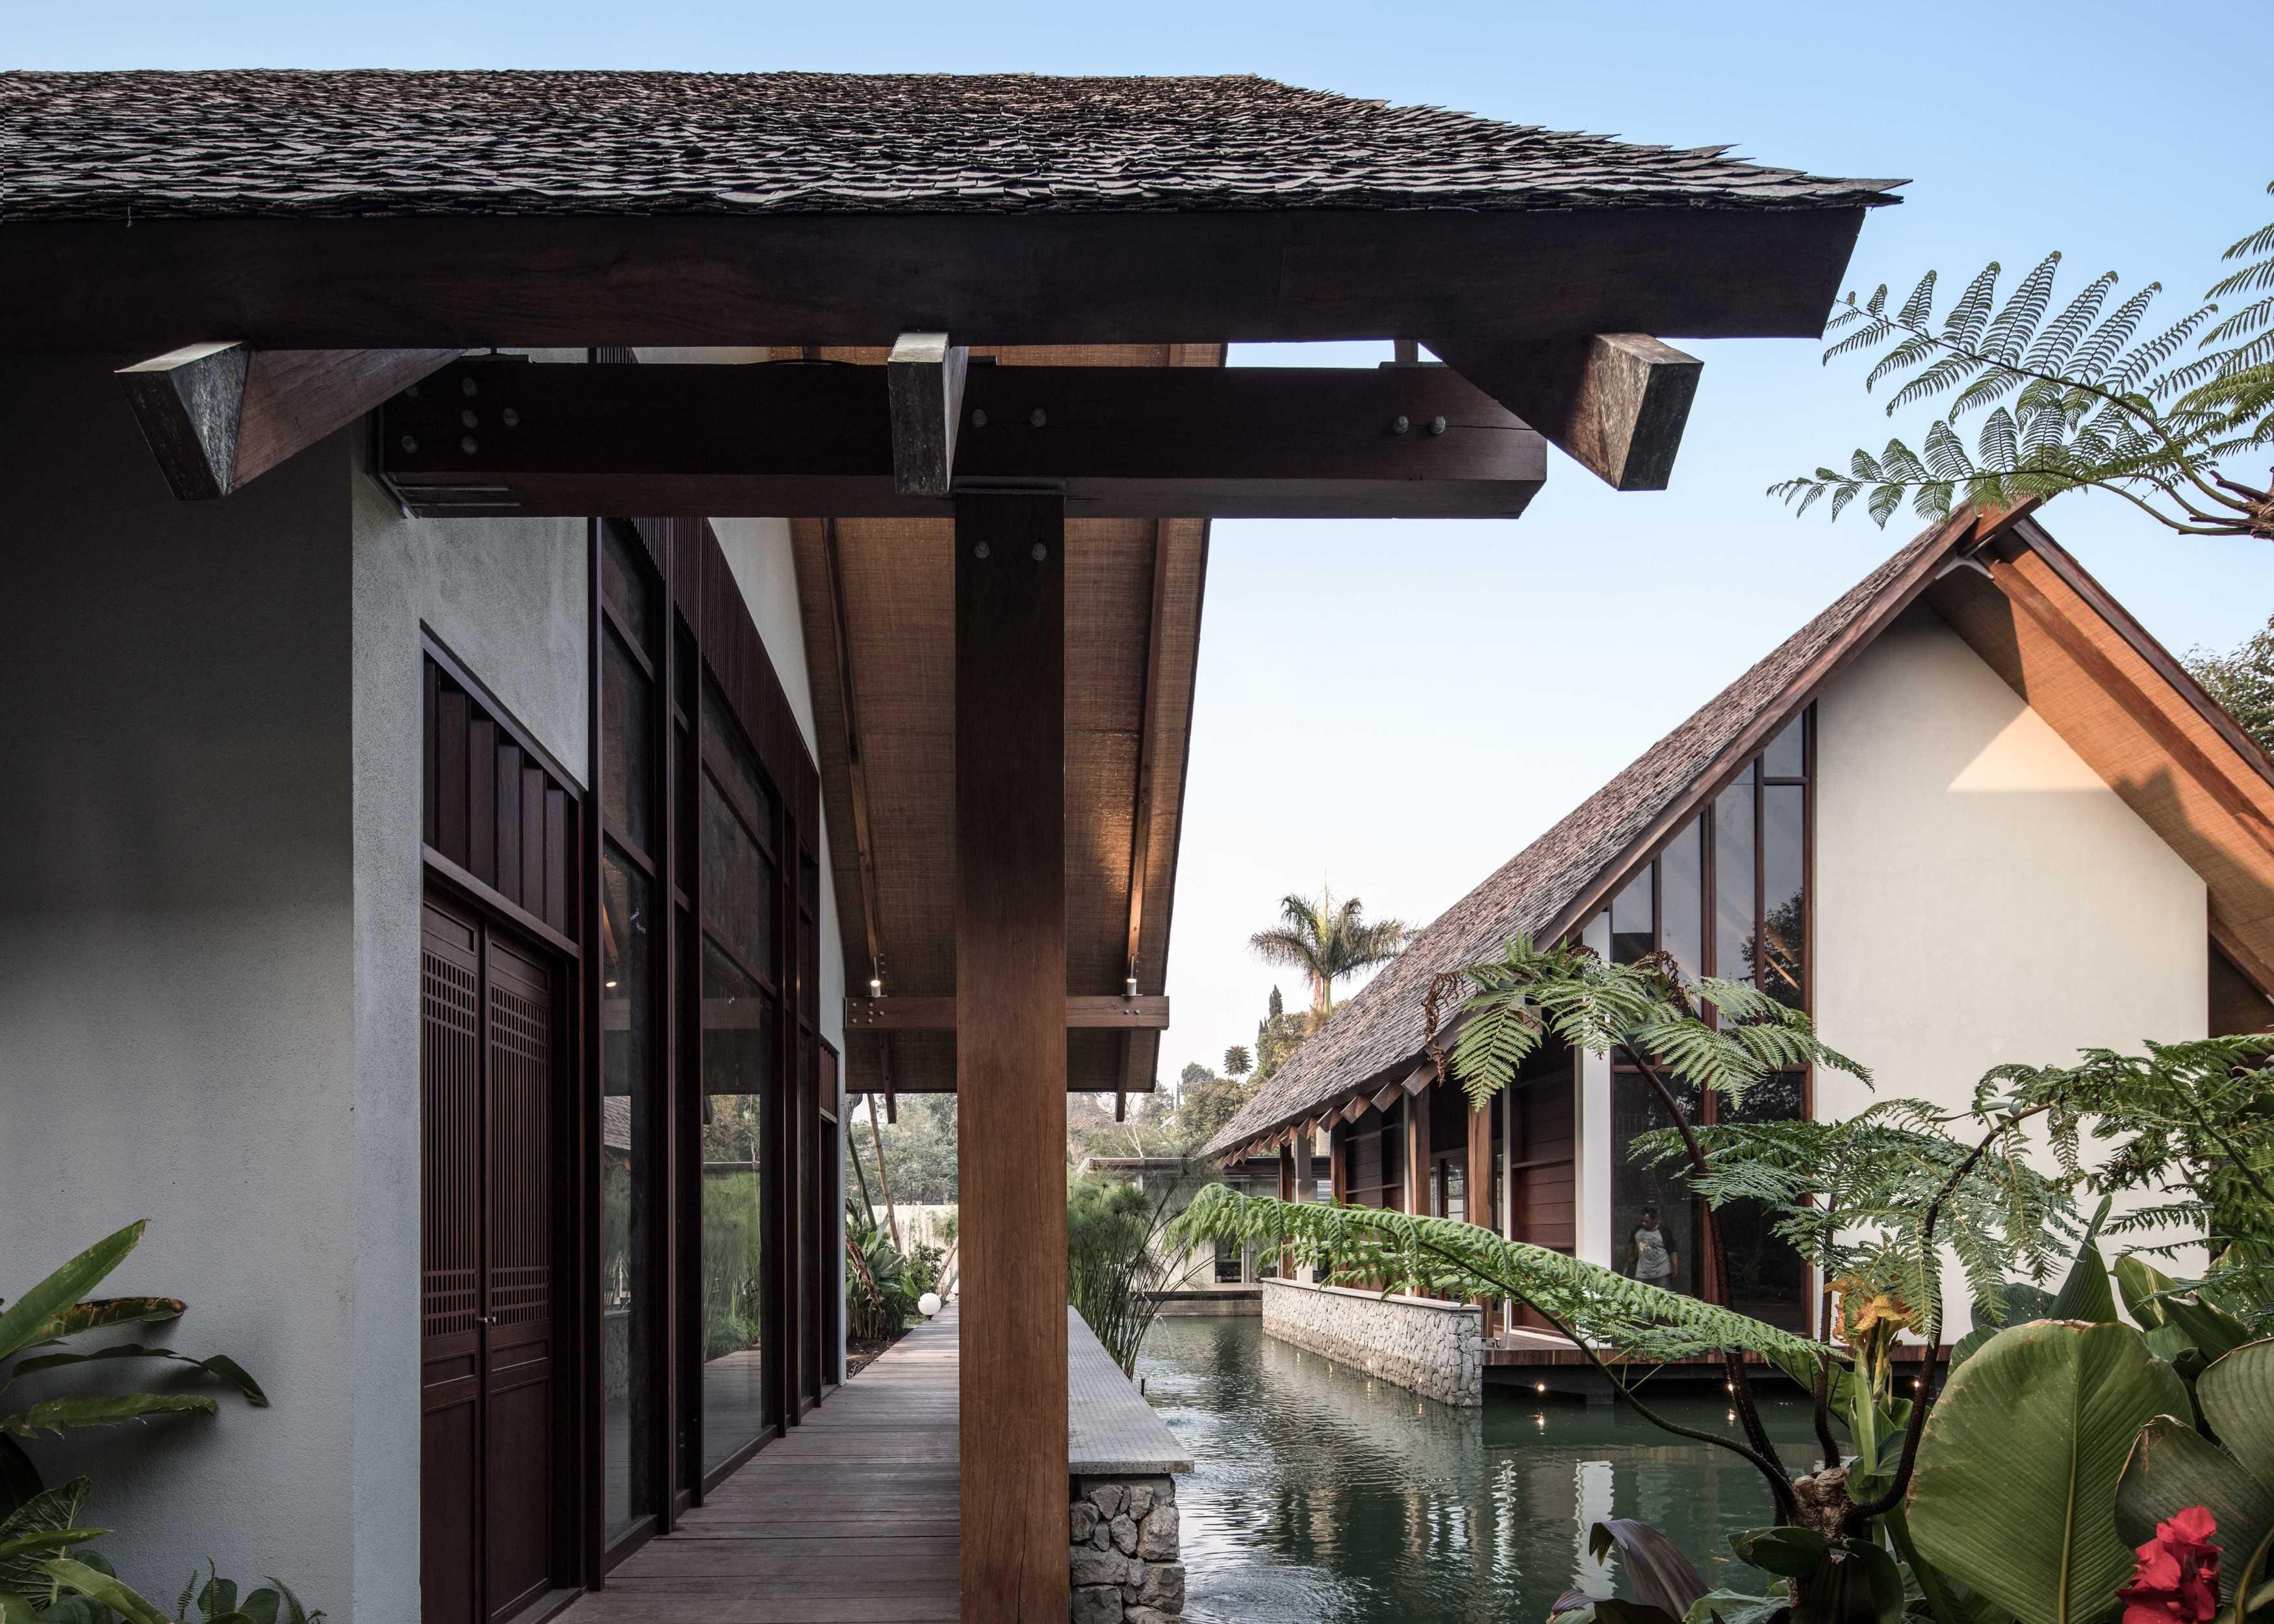 Rdma Ton Villas Cihideung, Kec. Parongpong, Kabupaten Bandung Barat, Jawa Barat, Indonesia Cihideung, Kec. Parongpong, Kabupaten Bandung Barat, Jawa Barat, Indonesia Rdma-Ton-Villas   107683